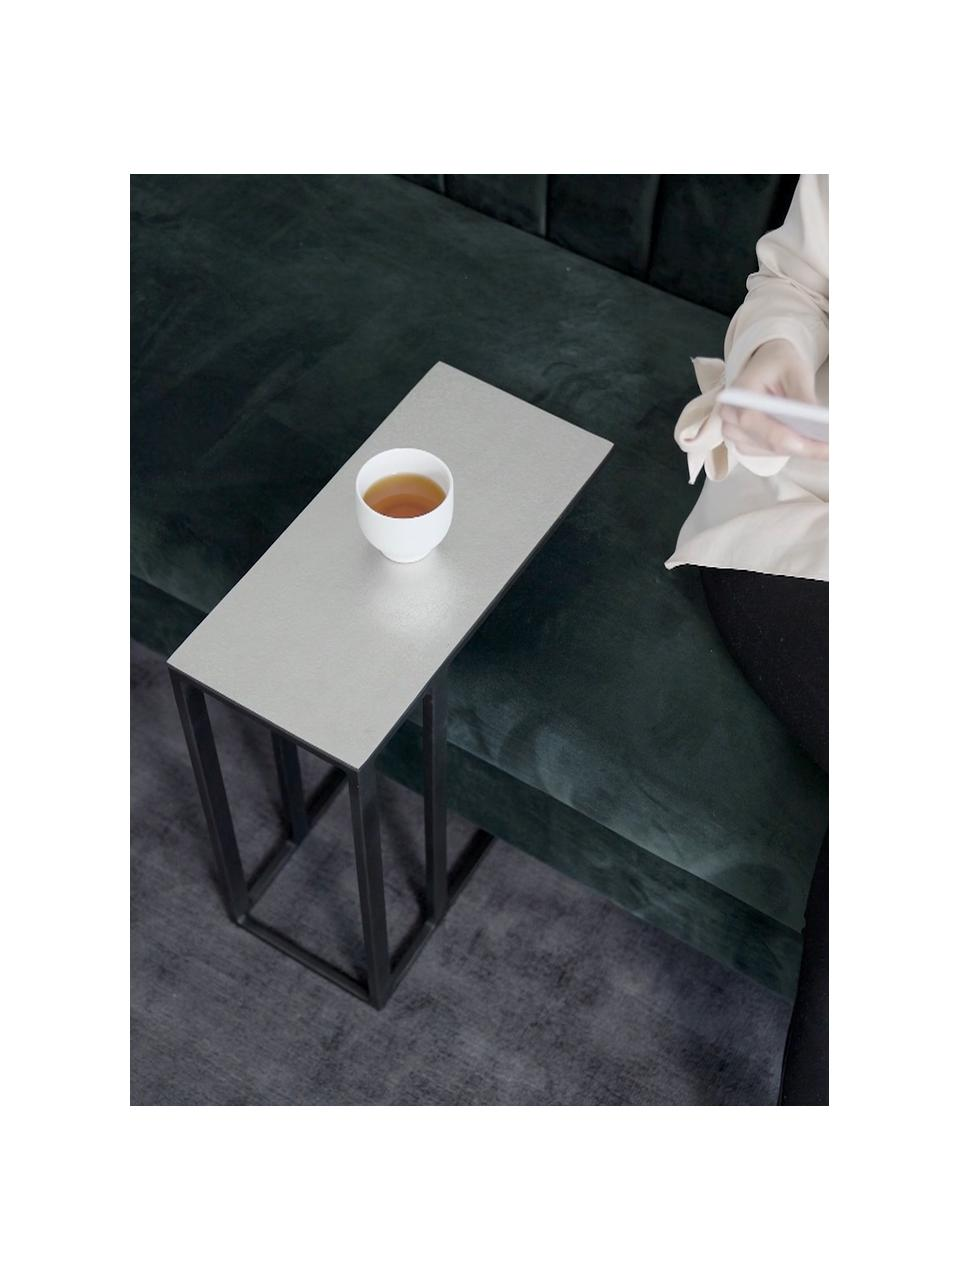 Bijzettafel Edge in industrieel ontwerp, Tafelblad: gecoat metaal, Frame: gepoedercoat metaal, Tafelblad: zilverkleurig met antieke afwerking Frame: mat zwart, 43 x 52 cm